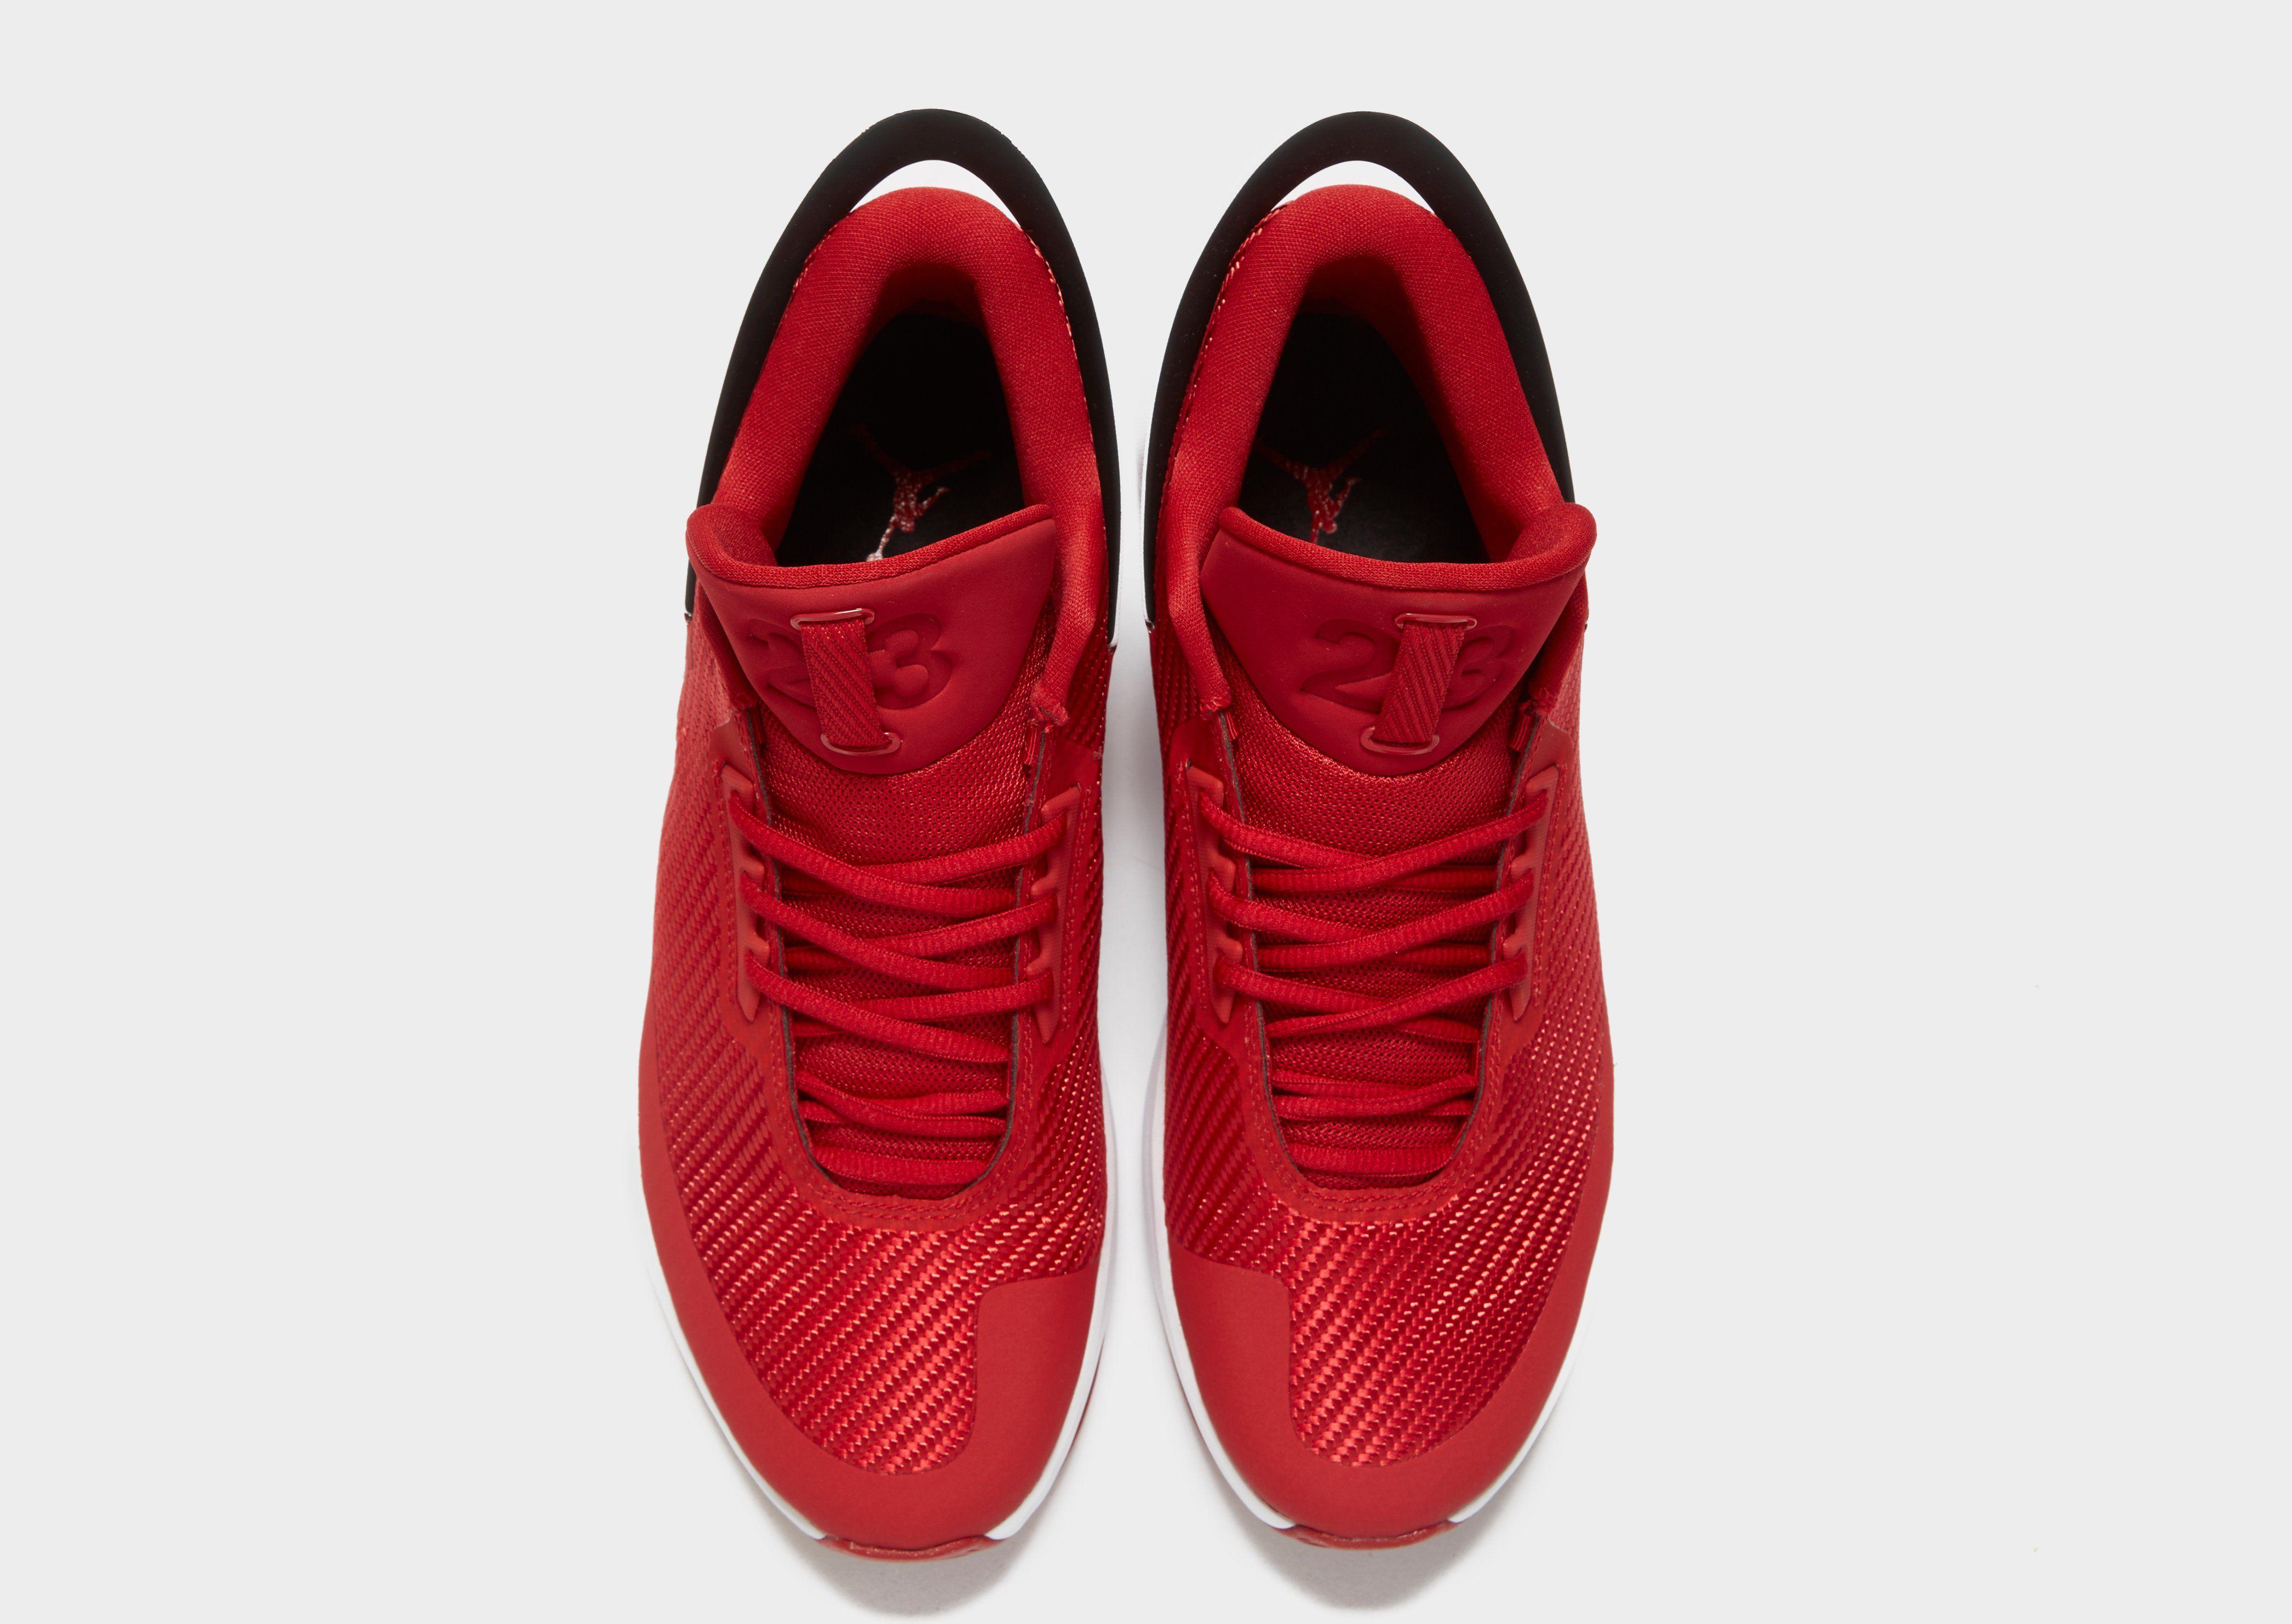 Günstig Kaufen Rabatte Jordan Fly Lockdown Rot Outlet Kollektionen Günstig Kaufen Billigsten jypaeaQc